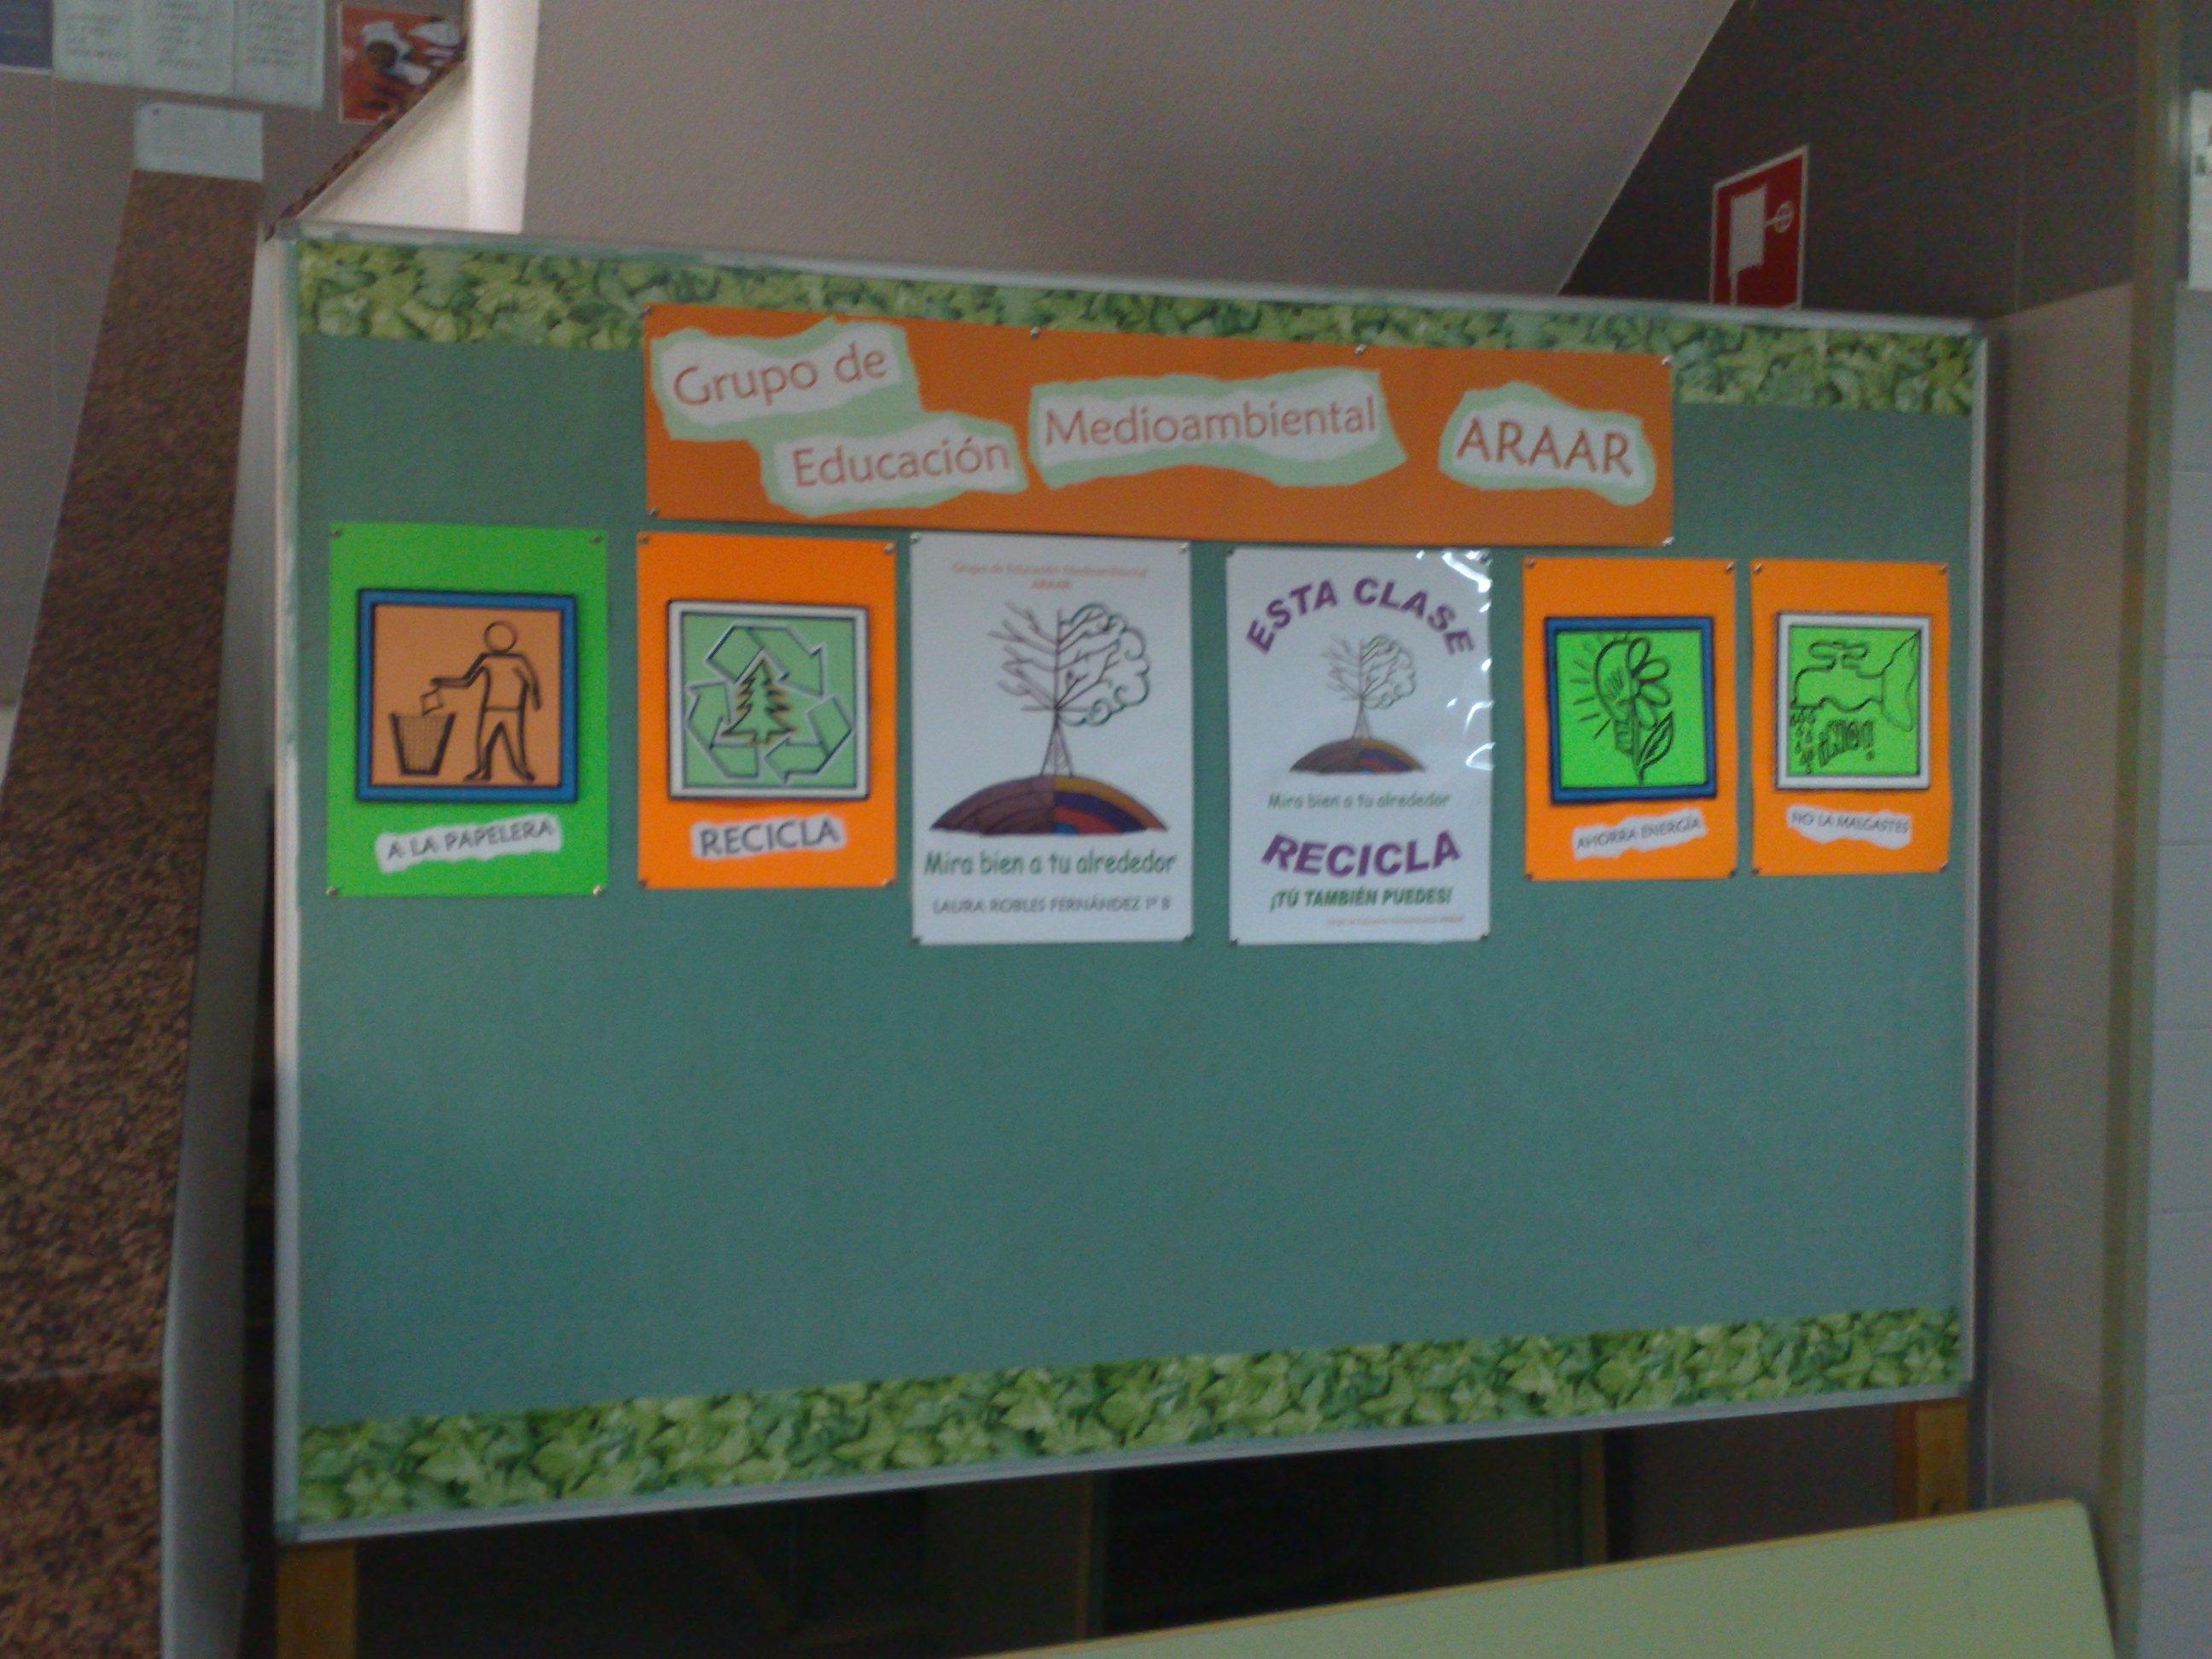 Espacio verde grupo de educaci n ambiental araar for El mural de anuncios